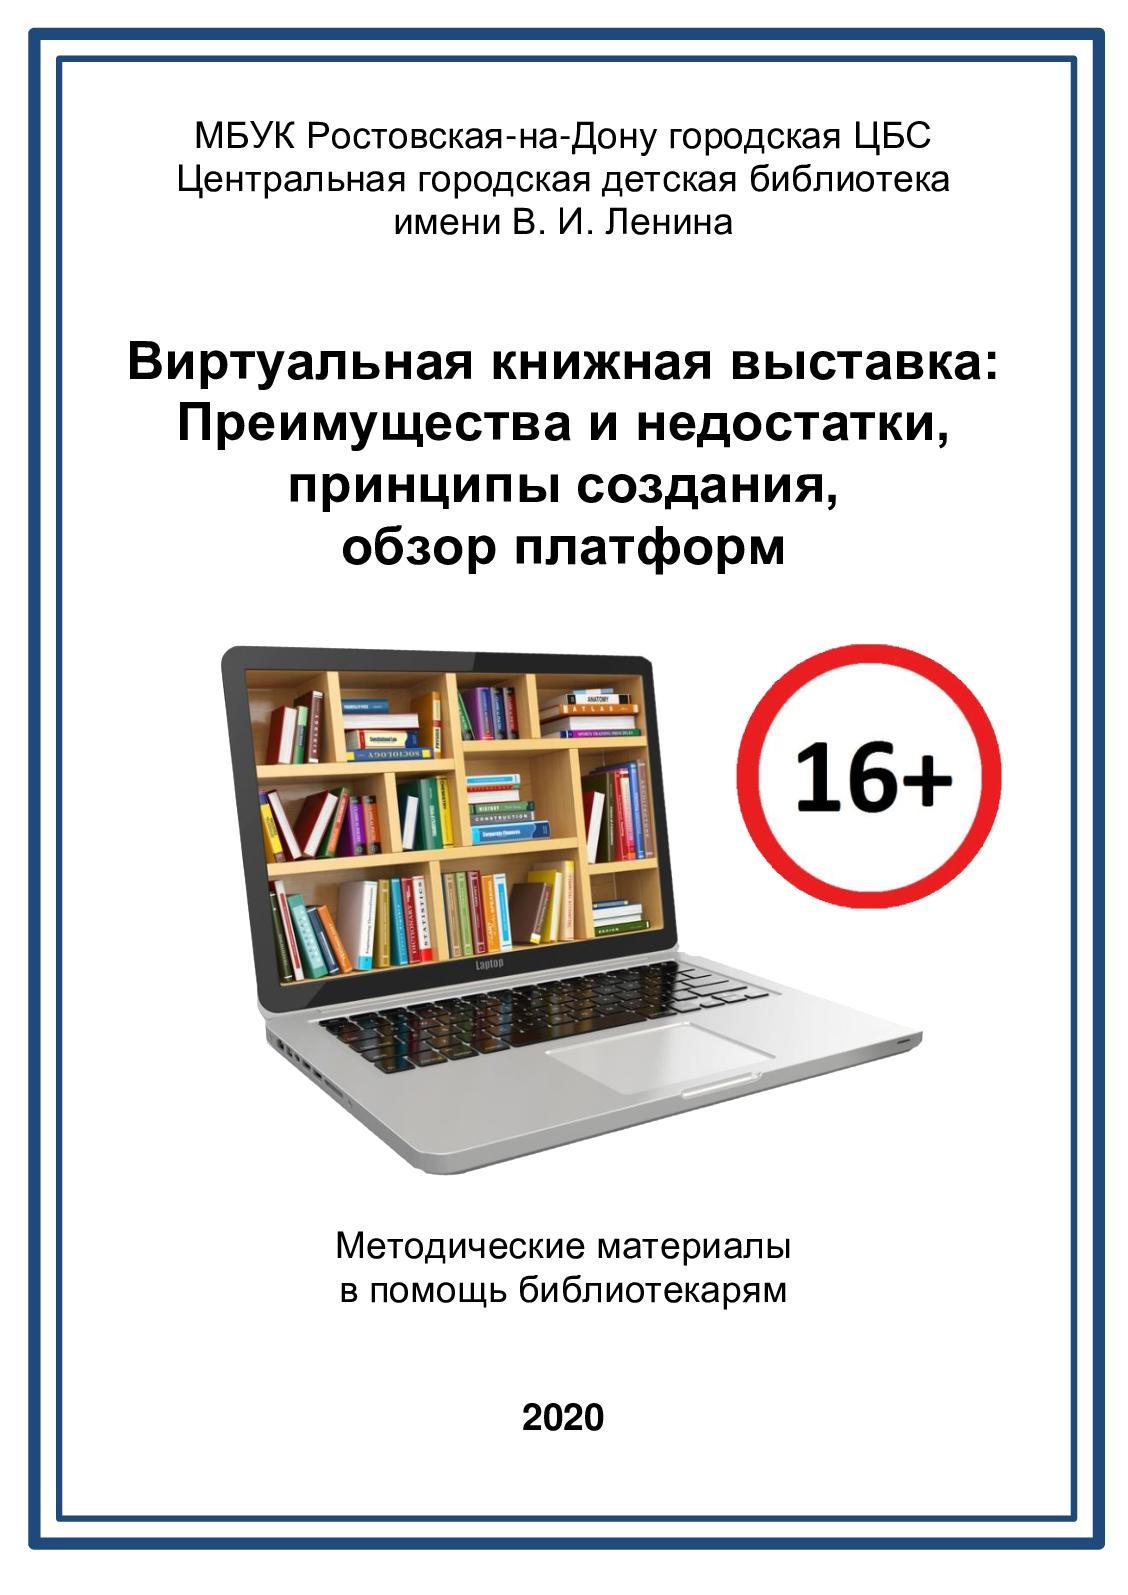 Обзор платформ для виртуальных книжных выставок